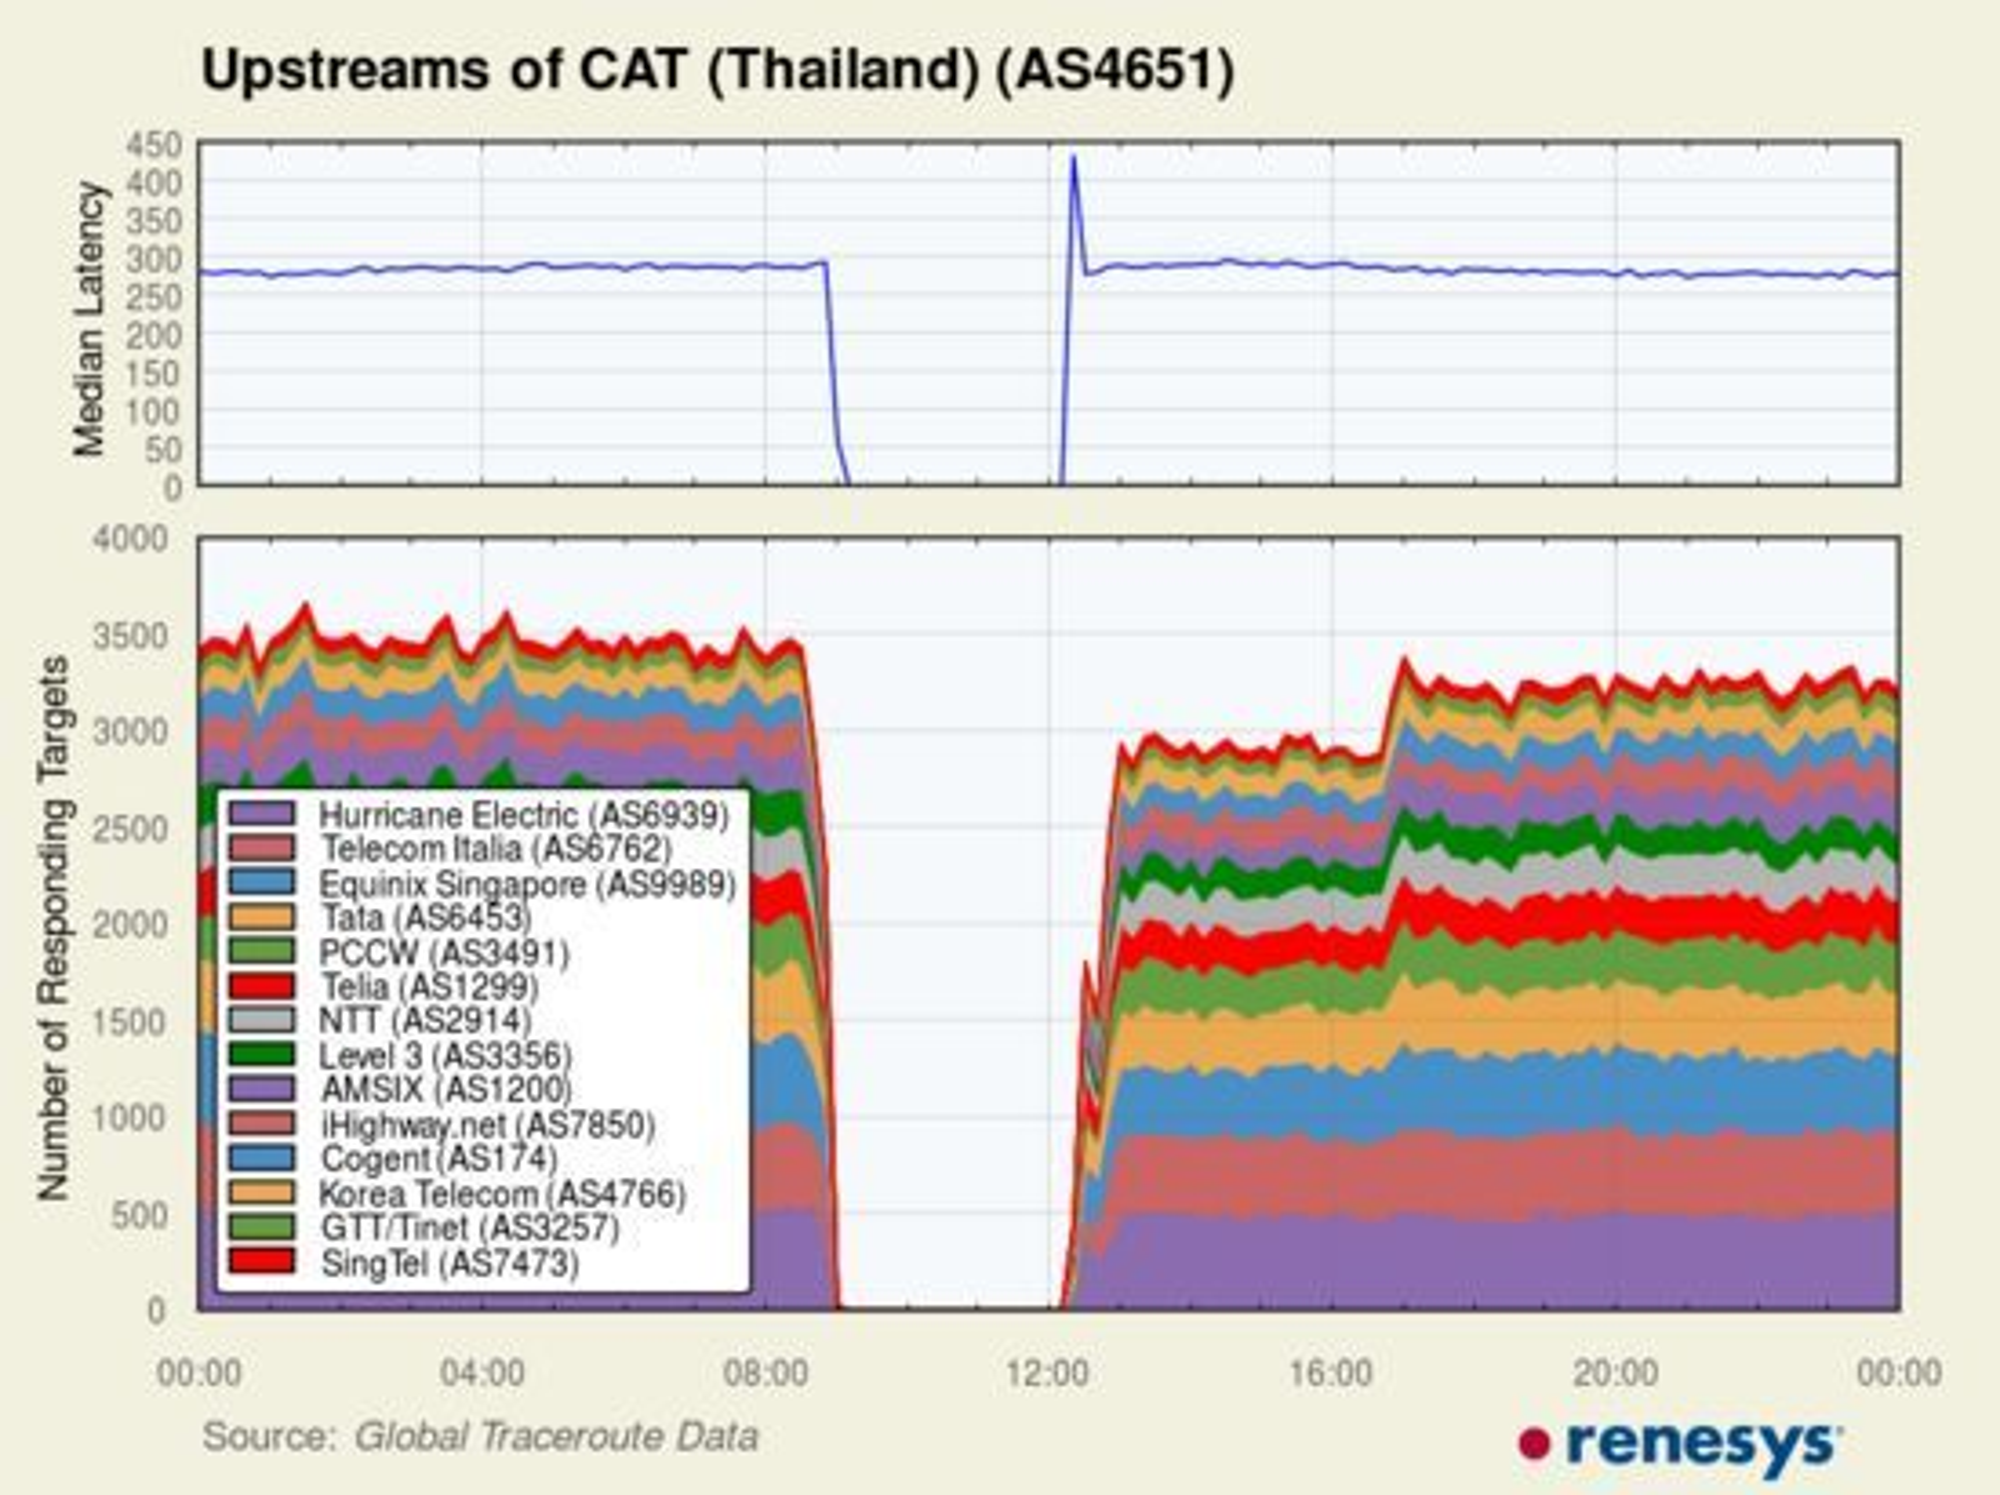 Trafikkanalysen til Renesys viser at all nettrafikk gjennom CAT Telecom opphørte da selskapets lokaler var angrepet av demonstranter lørdag 30. november. Det tok over tre timer før trafikken kom i gang igjen.